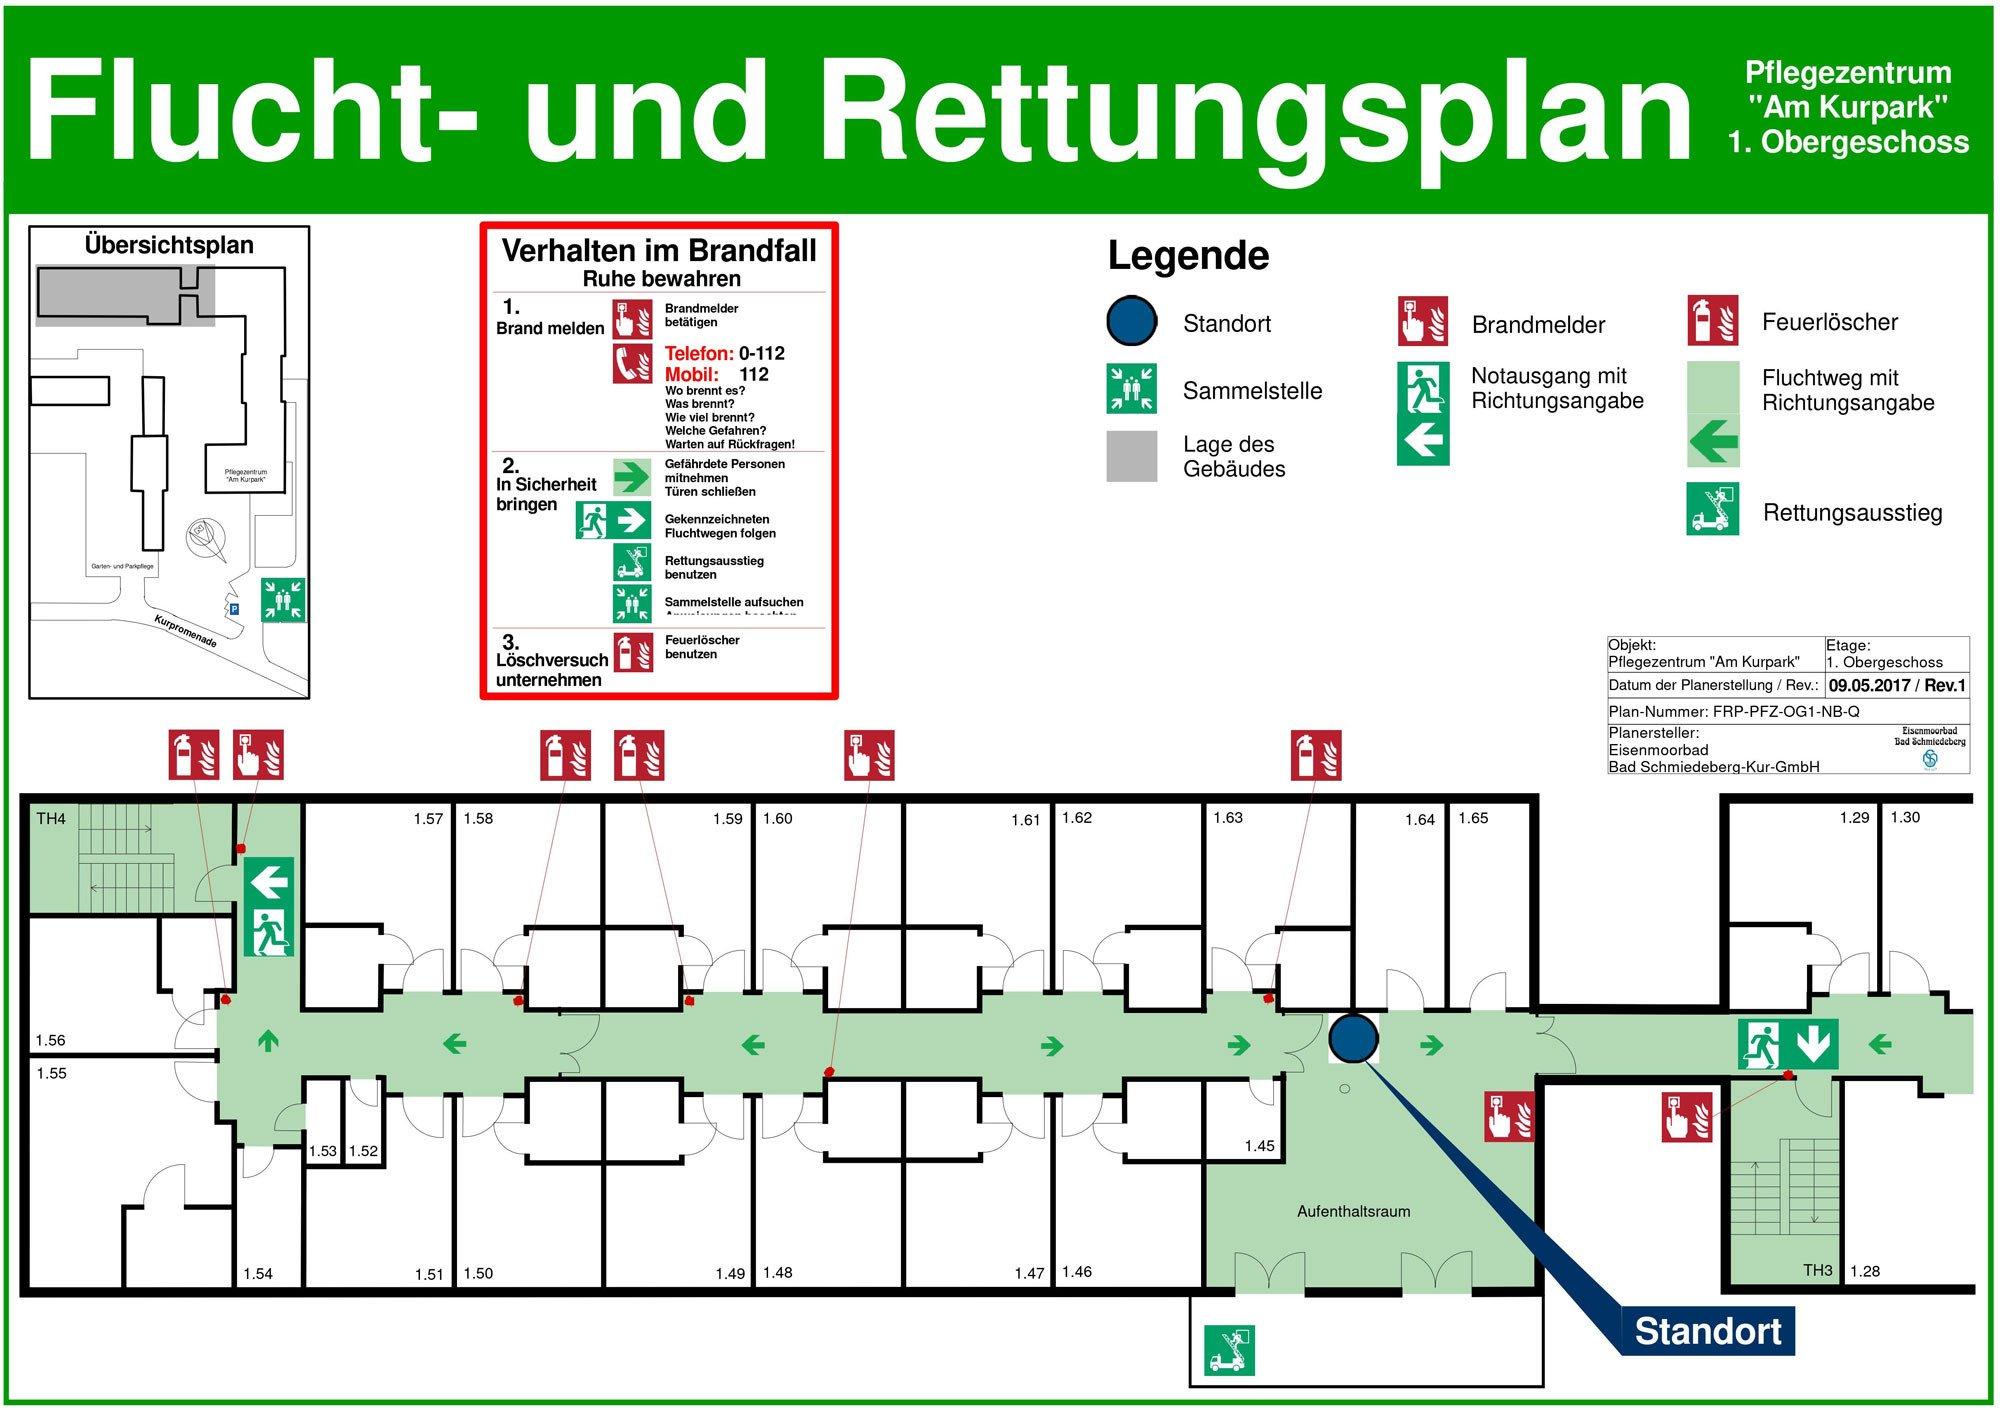 Flucht- und Rettungsplan | Brandschutz | Organisatorischer ...